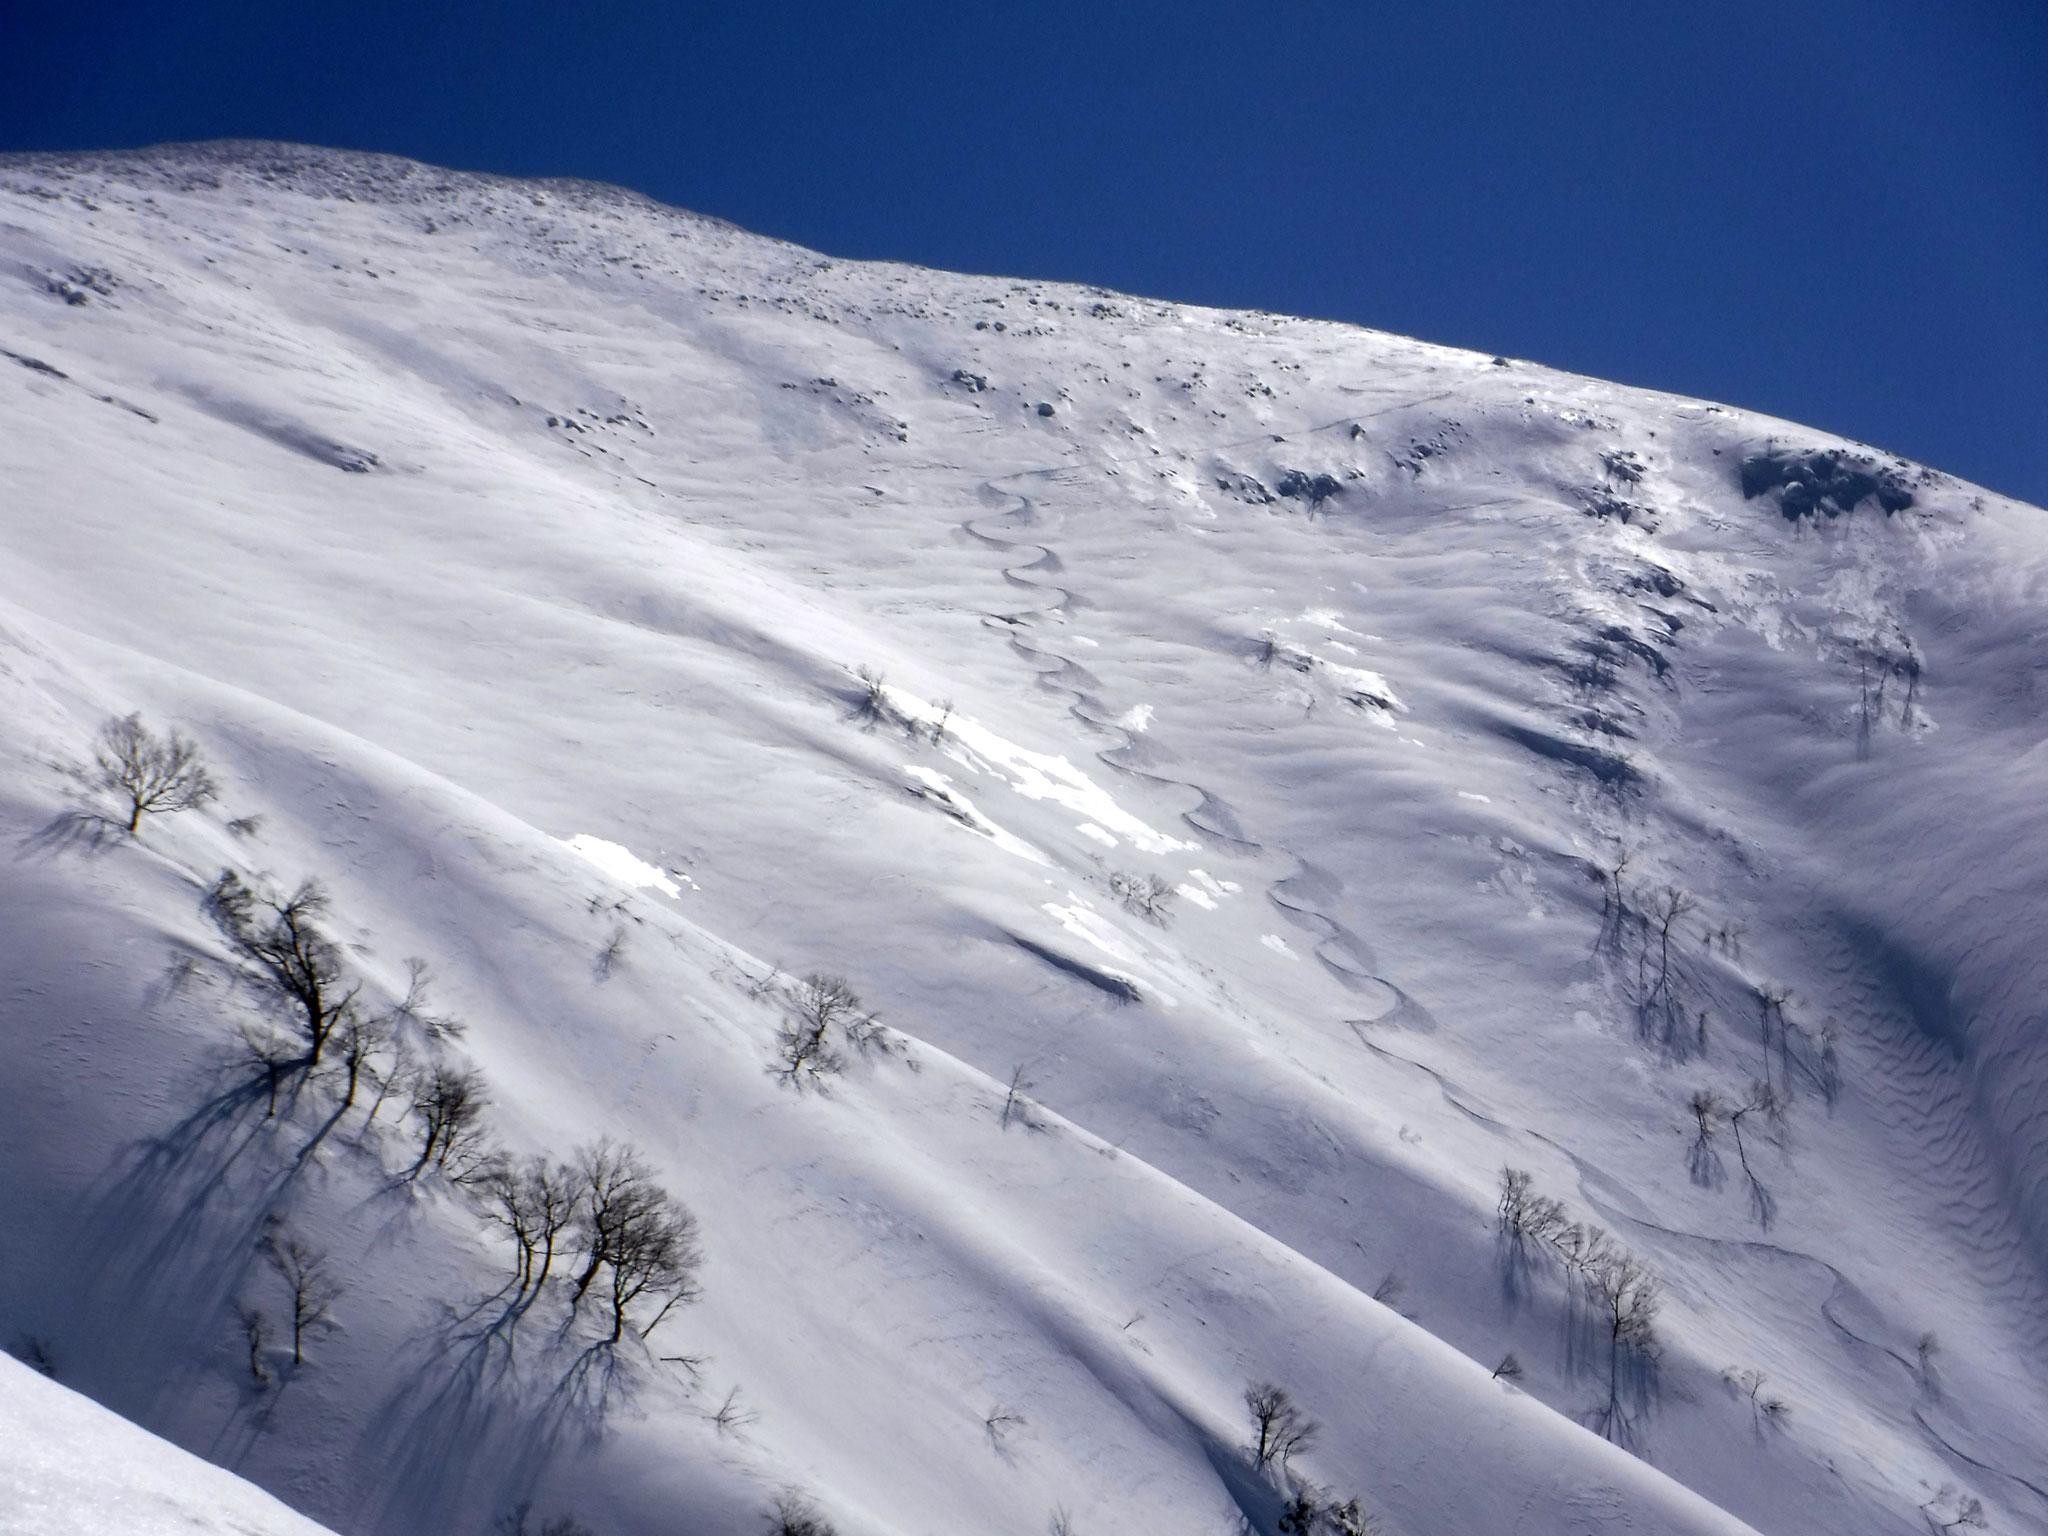 11:00 1500m付近より、山頂からのシュプール、雪煙をあげていた